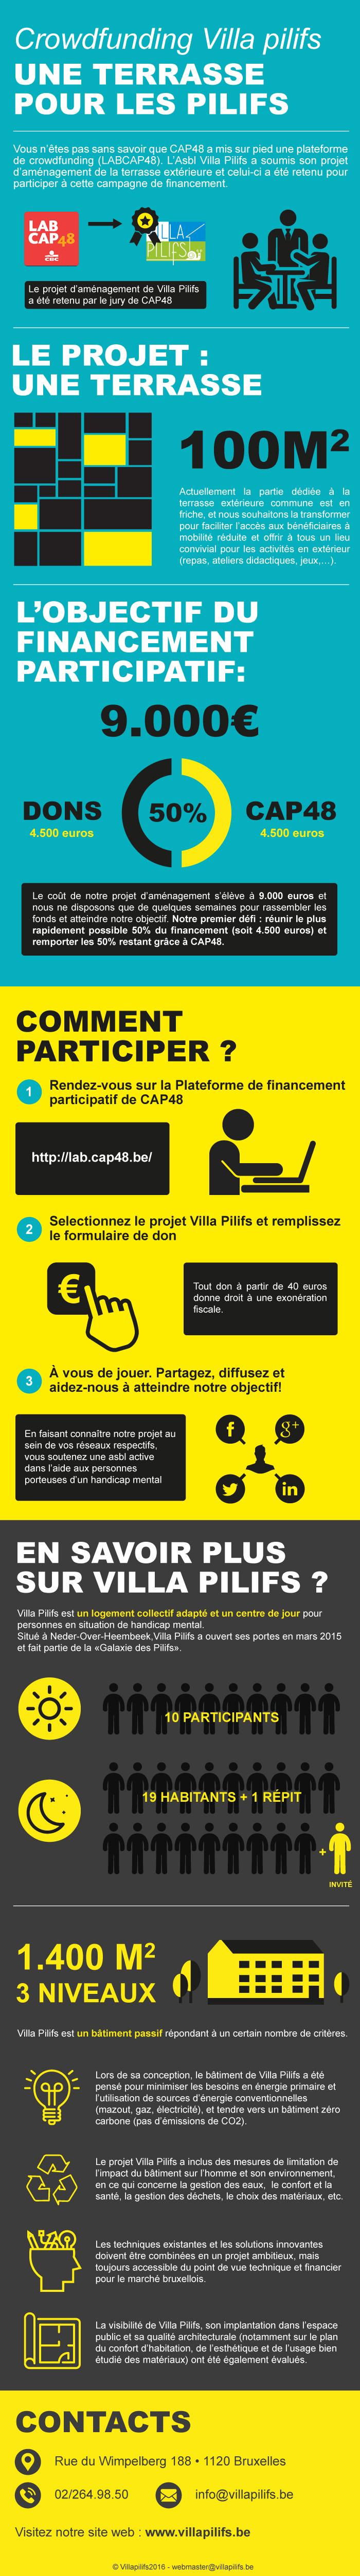 infographie LABCAP48 Villa Pilifs